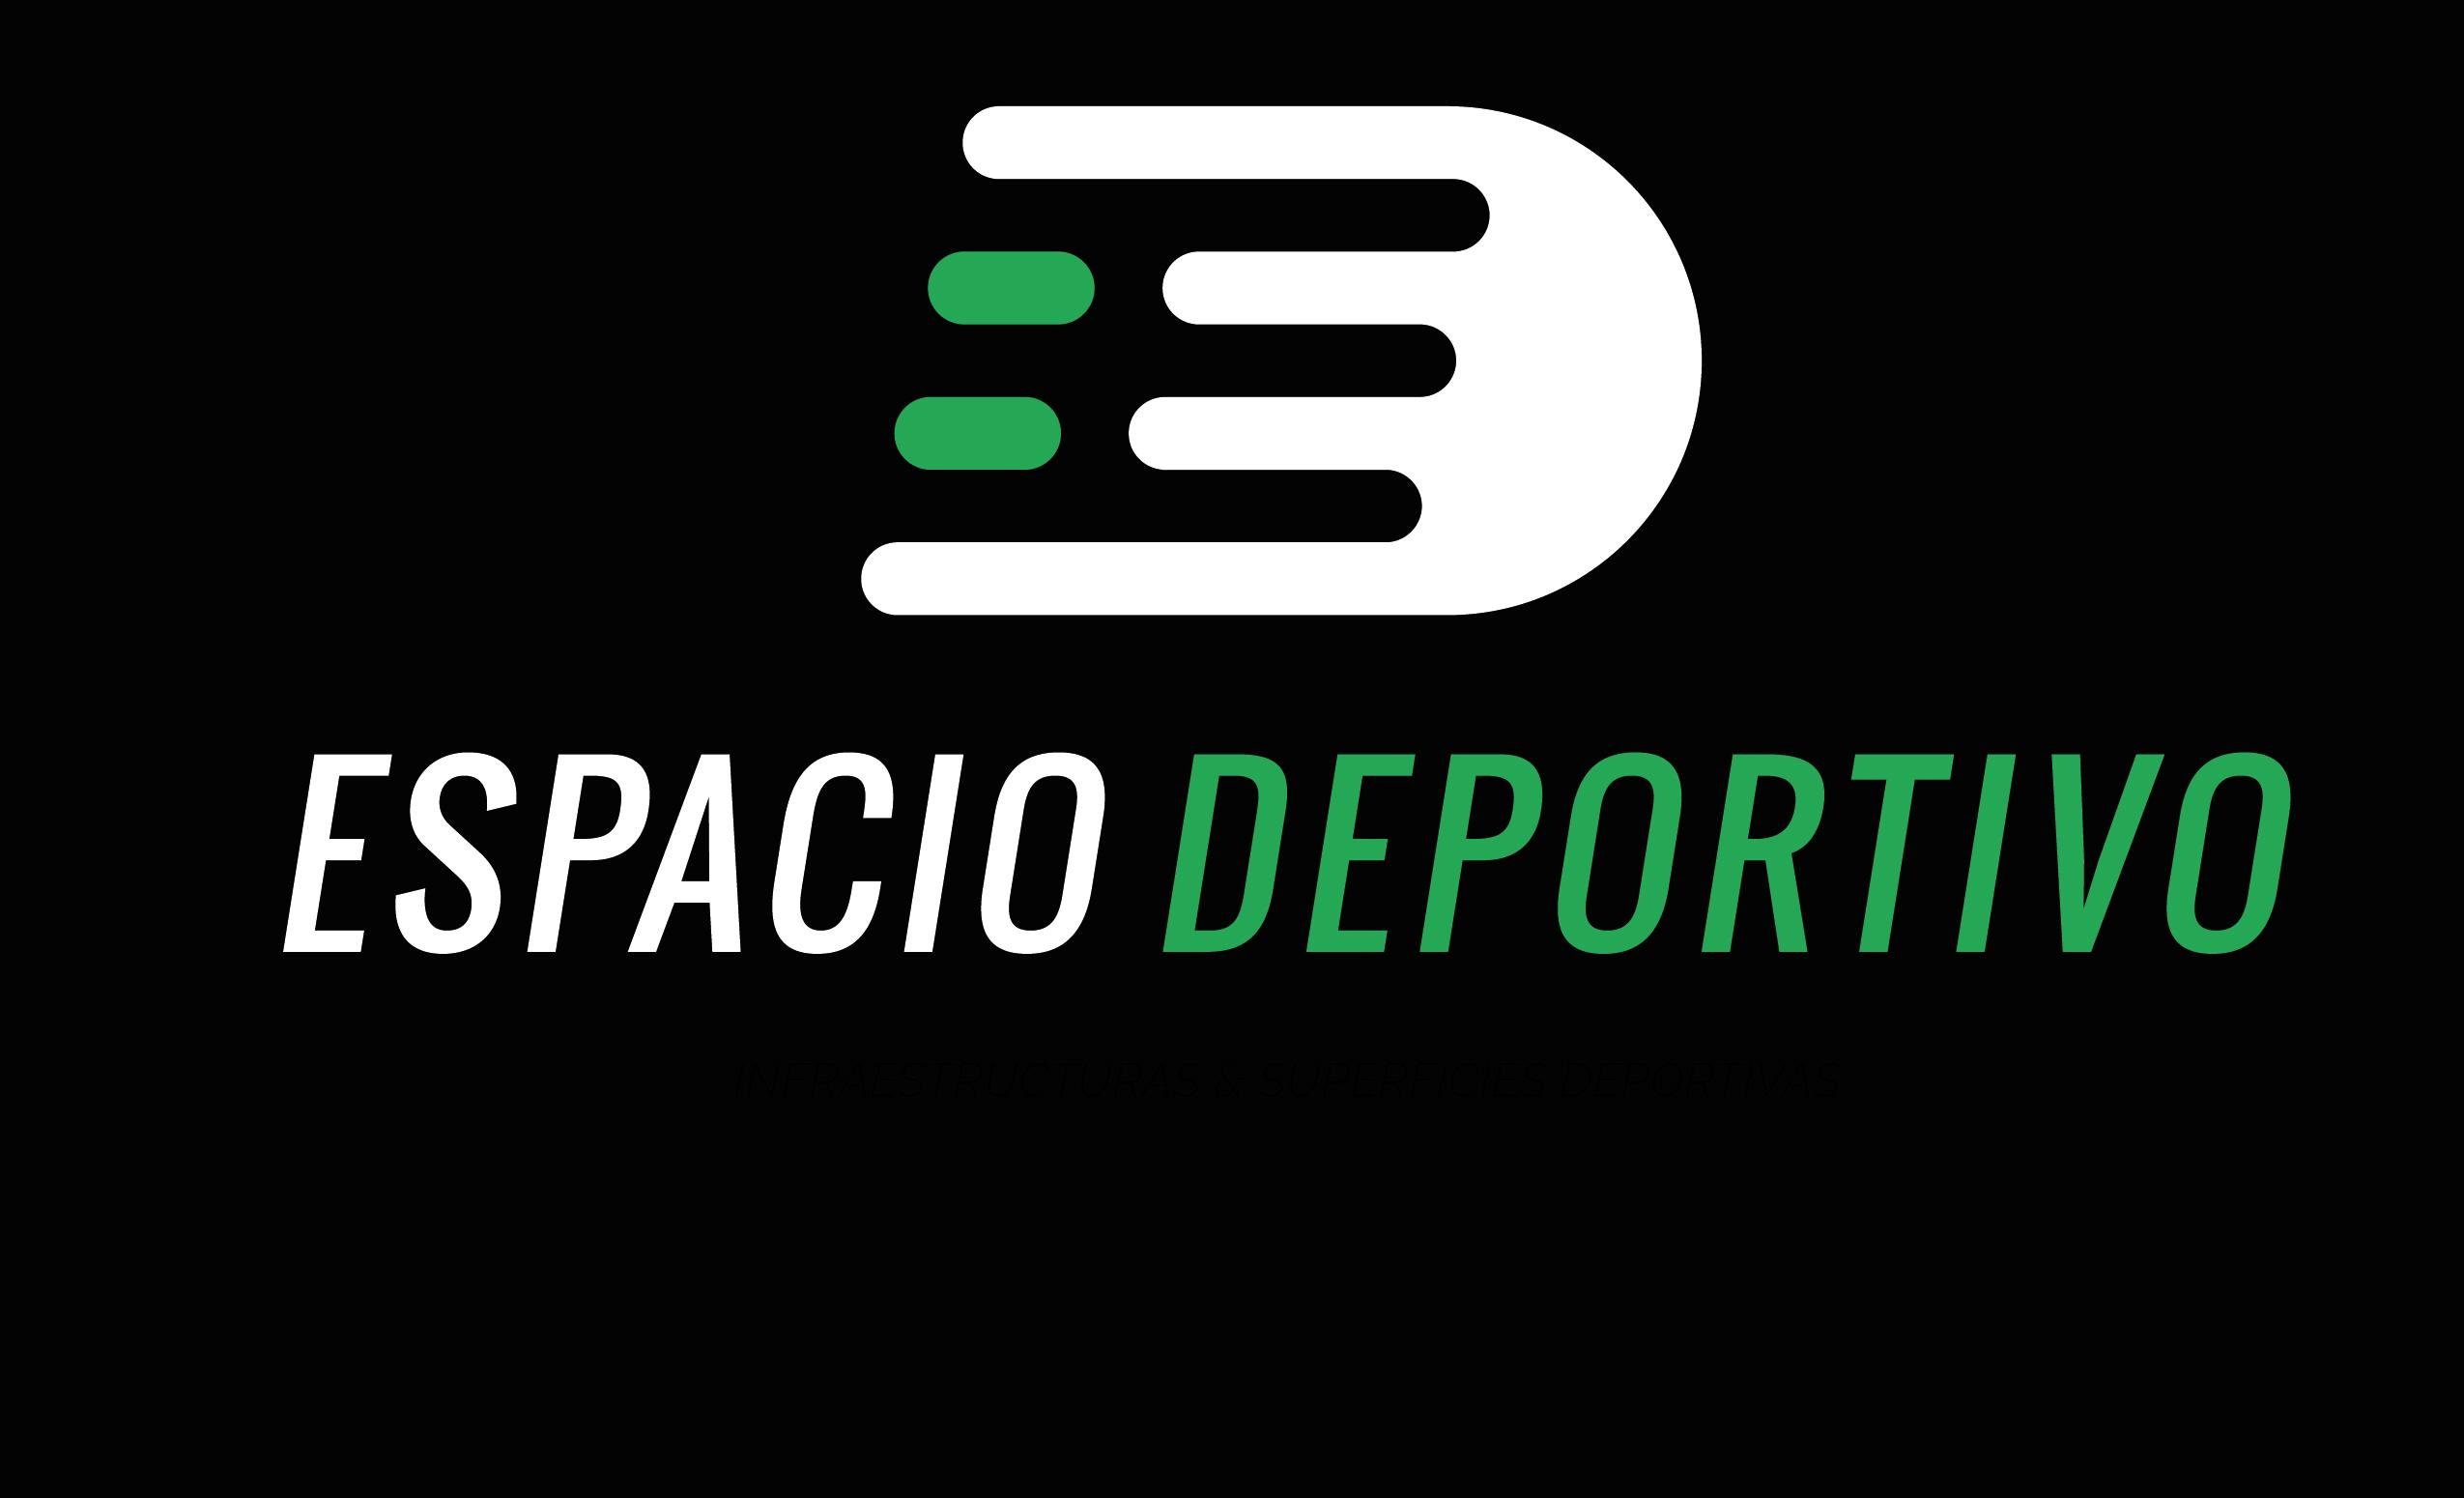 Espacio Deportivo